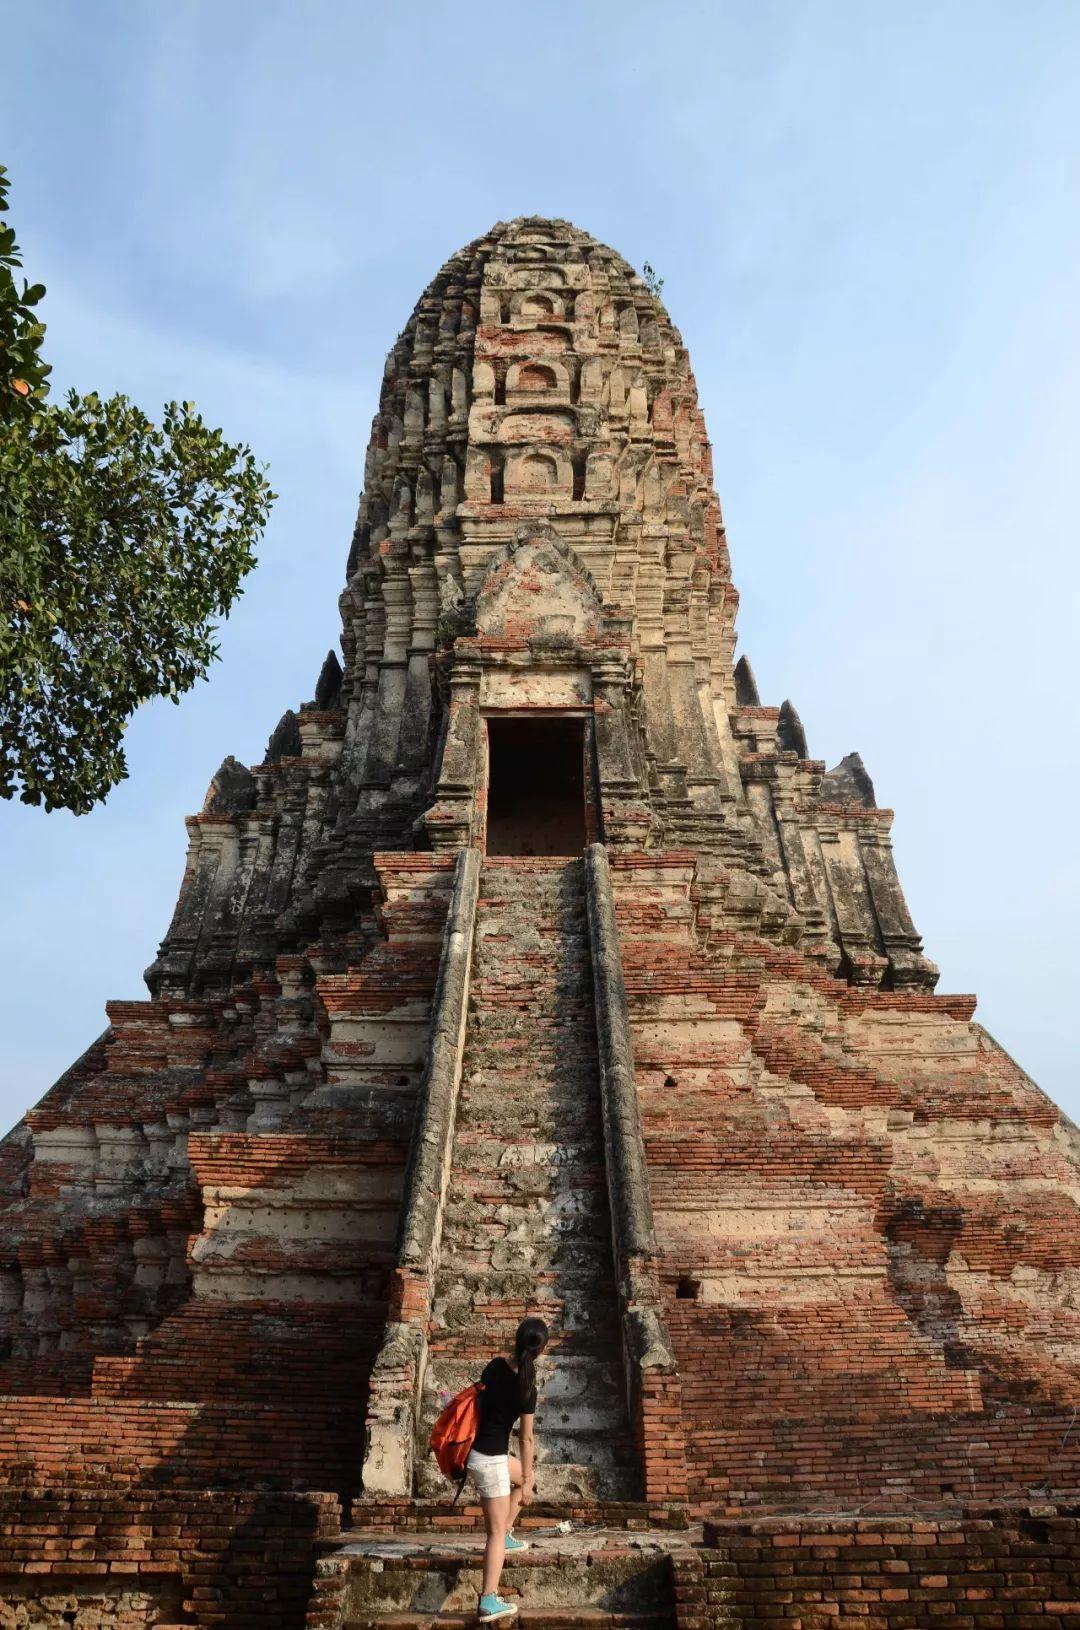 推薦泰國一個古城,從曼谷坐火車只要3元,媲美柬埔寨吳哥窟